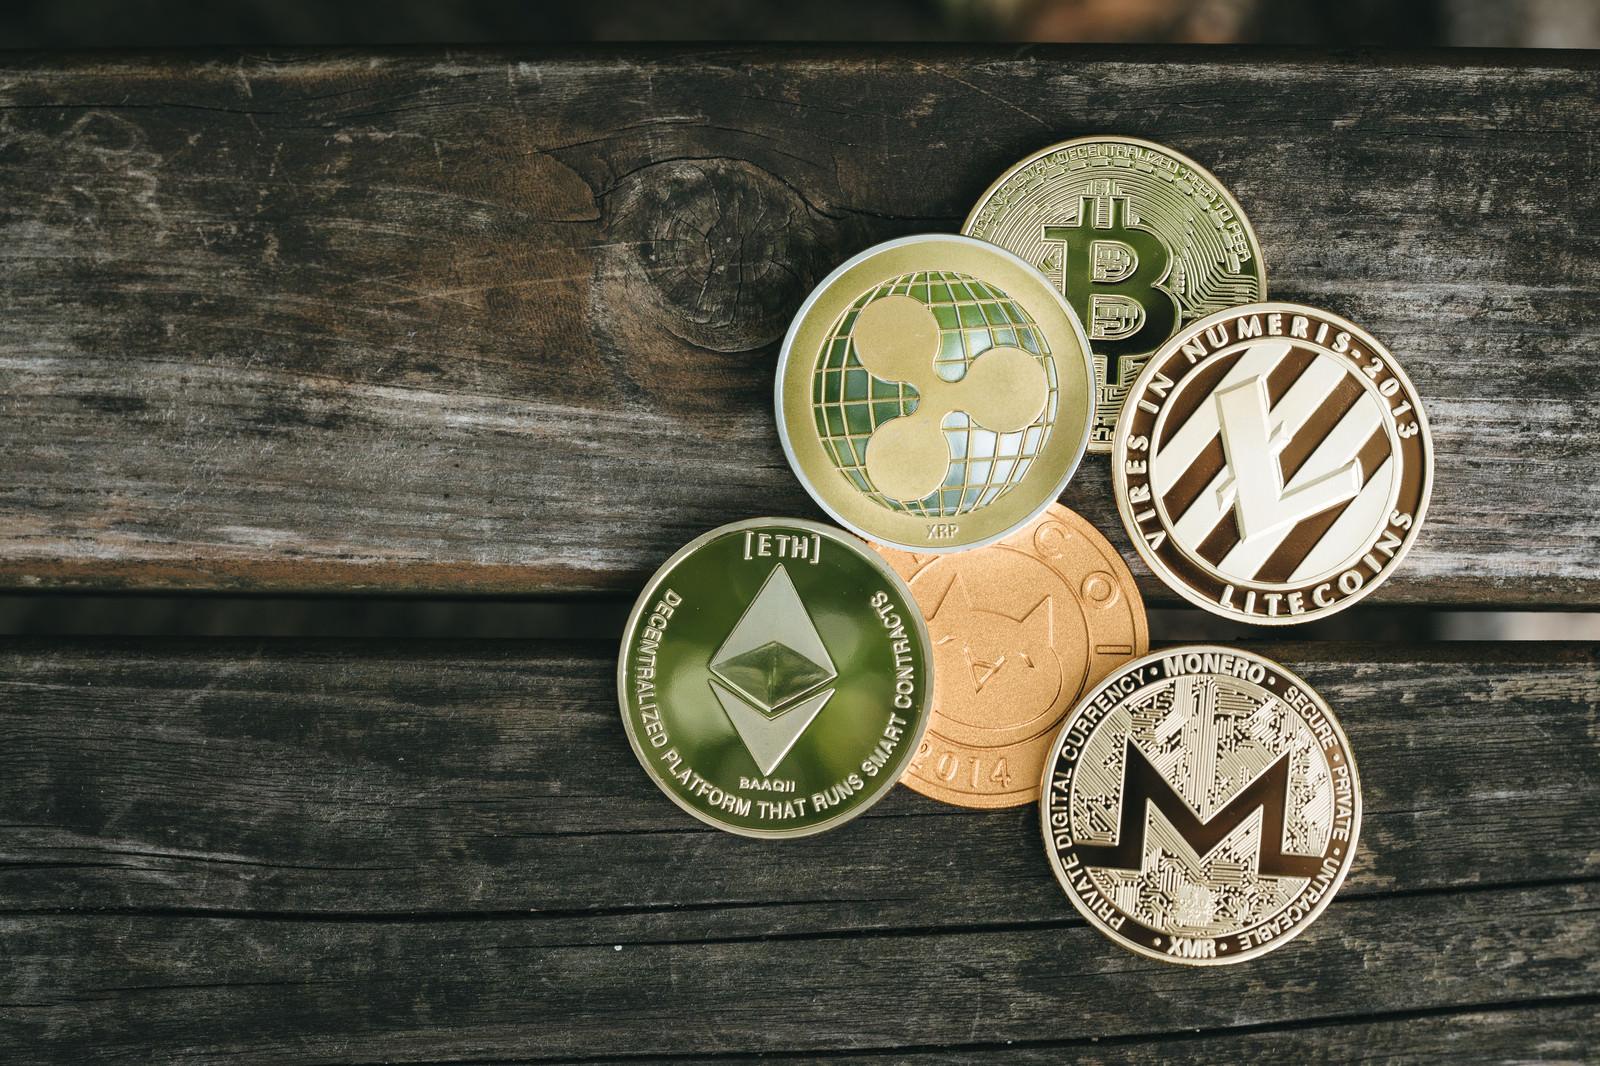 「集めた暗号資産(仮想通貨)」の写真